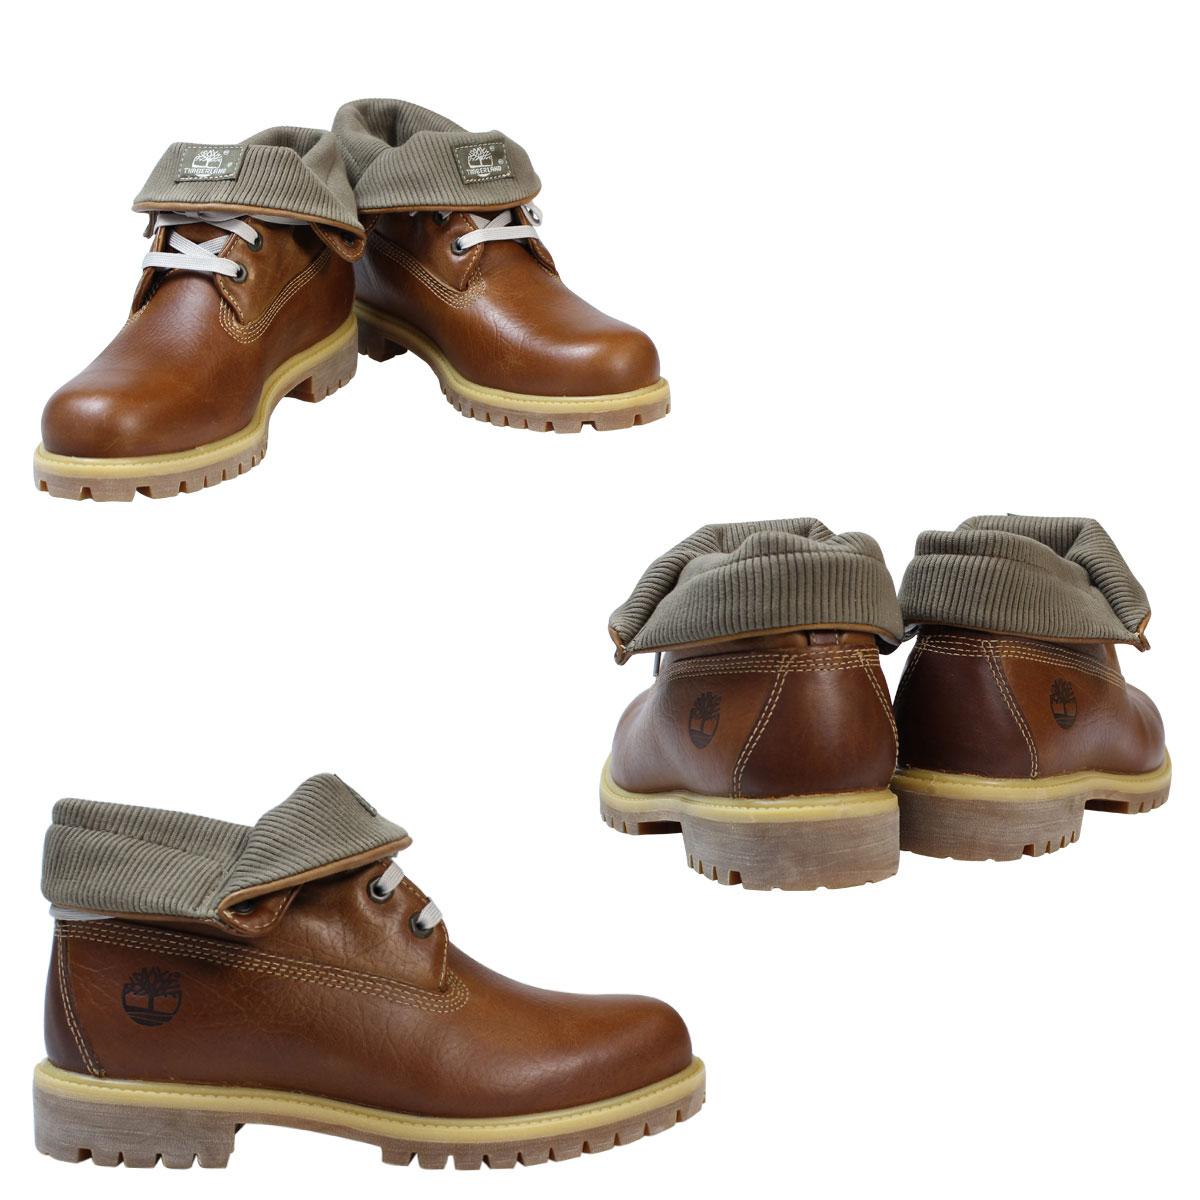 天伯伦天伯伦辊筒靴翻盖靴 A17M1 W 明智防水棕色男装 [10/28 新股票]